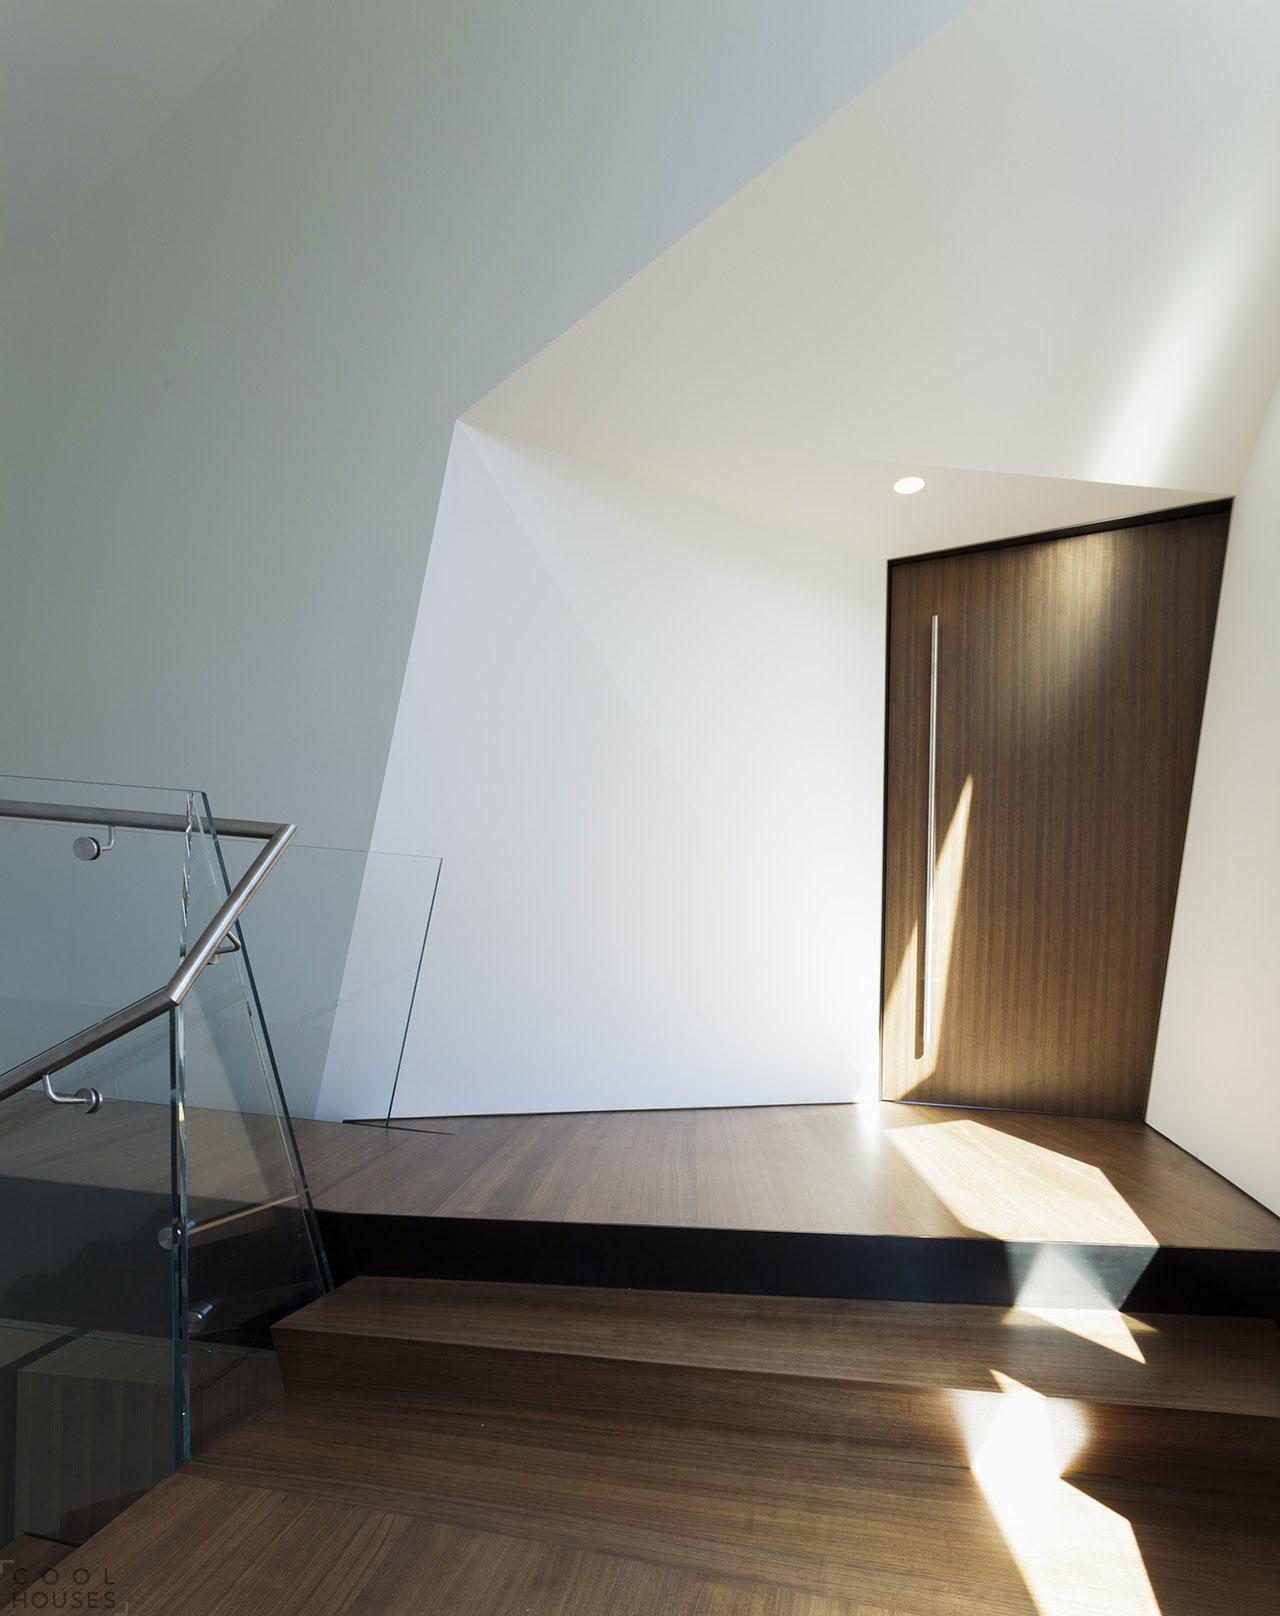 Необычная геометрия дома